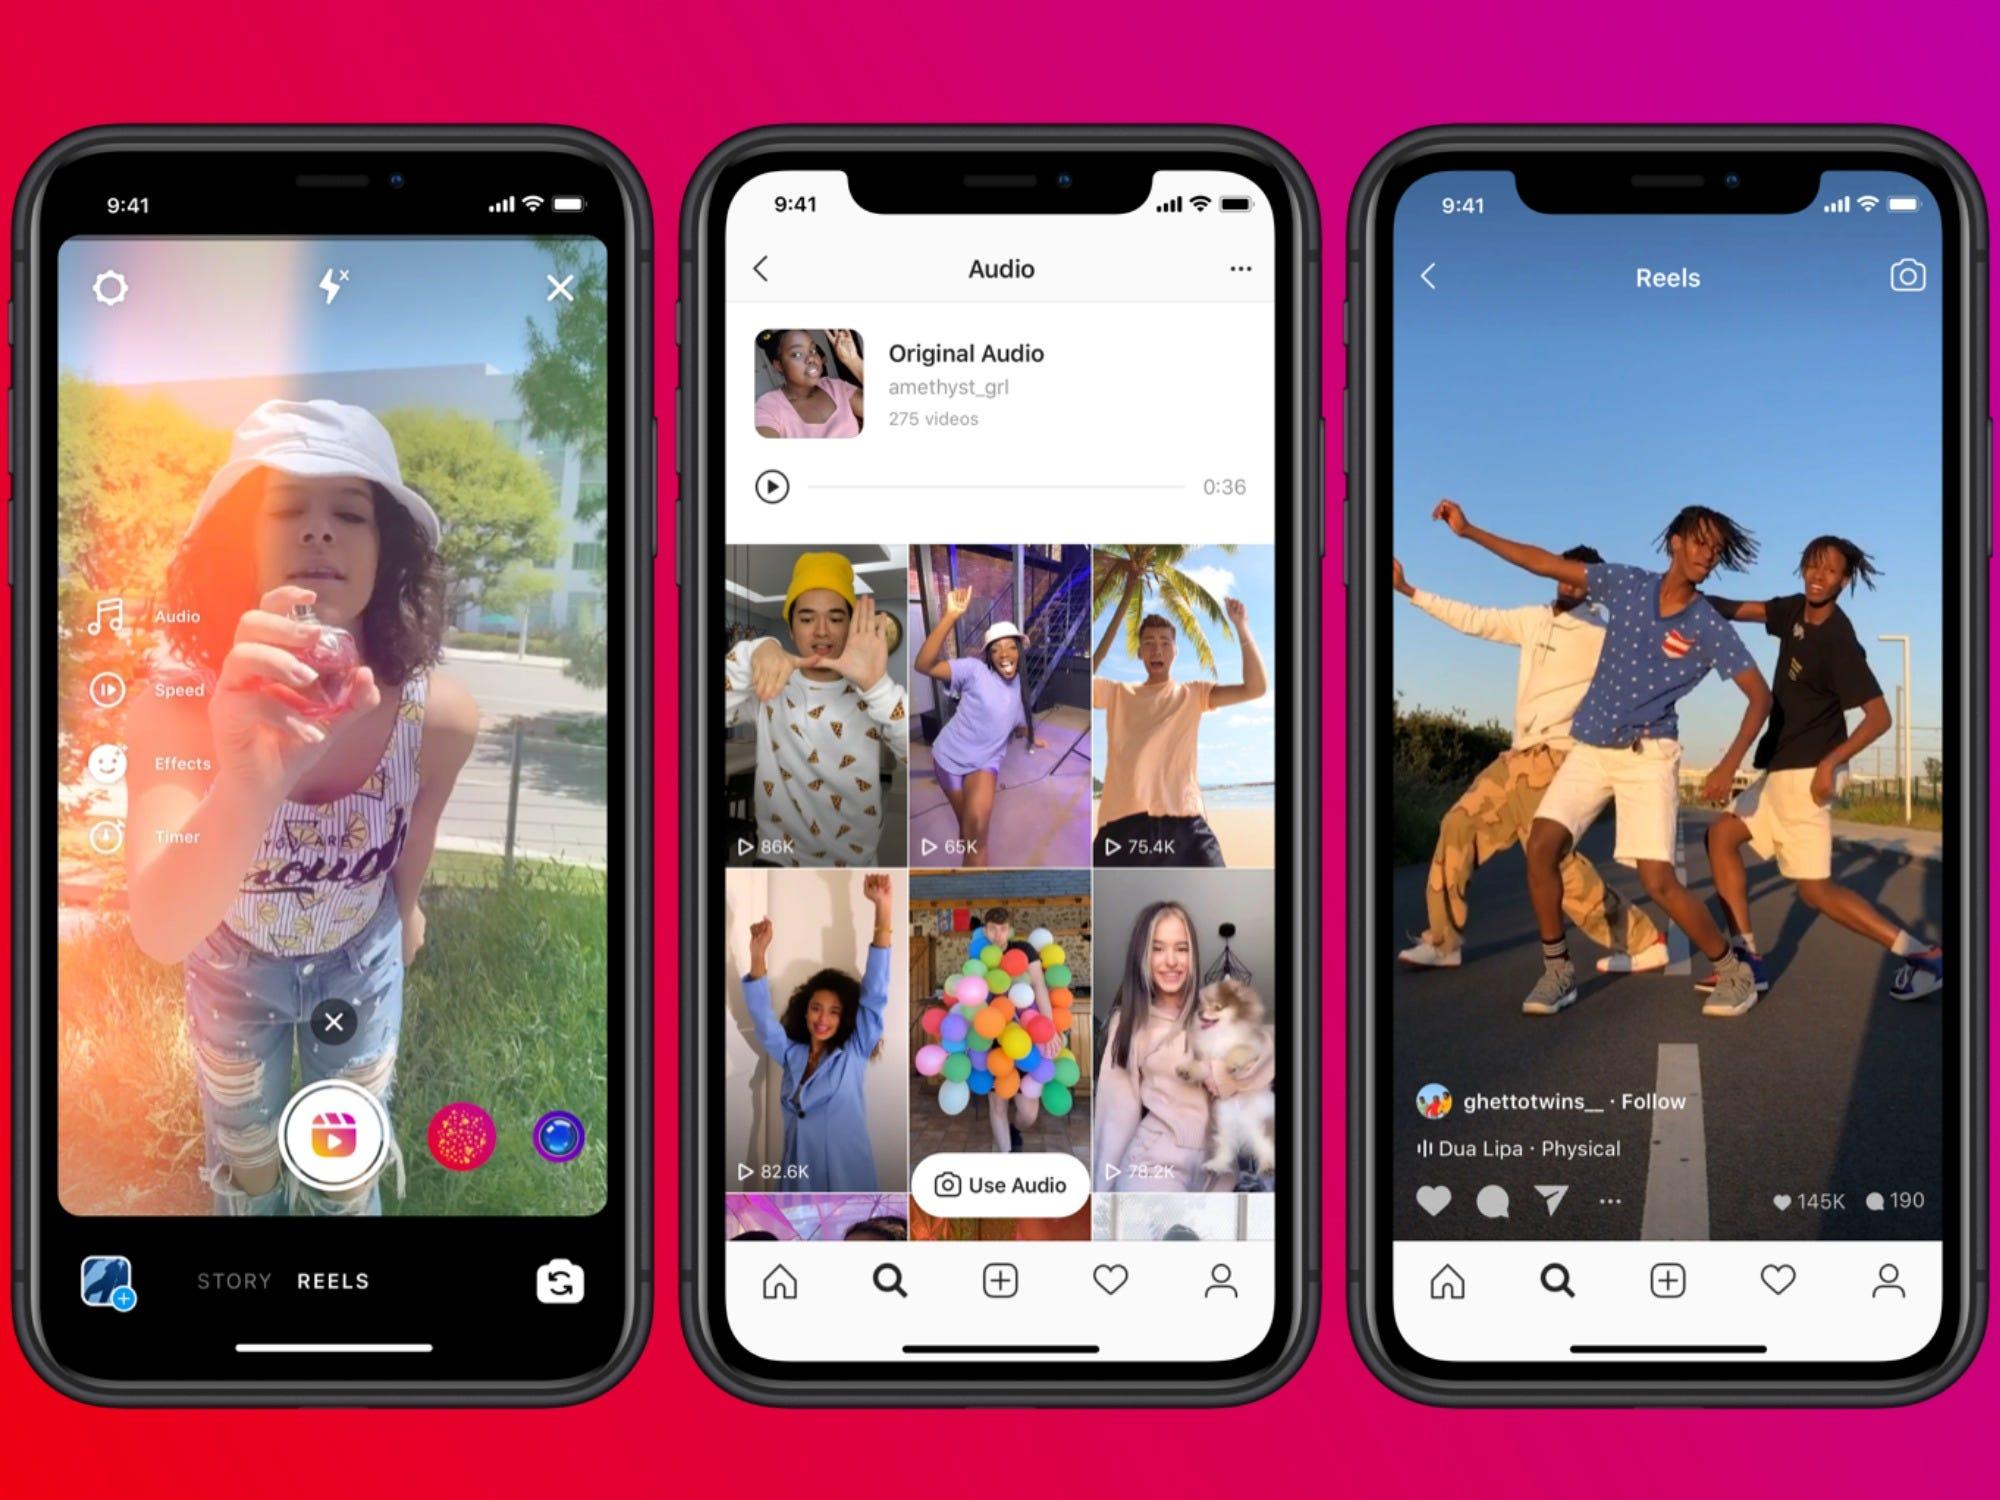 Novidades: Instagram Reels aumenta duração dos vídeos